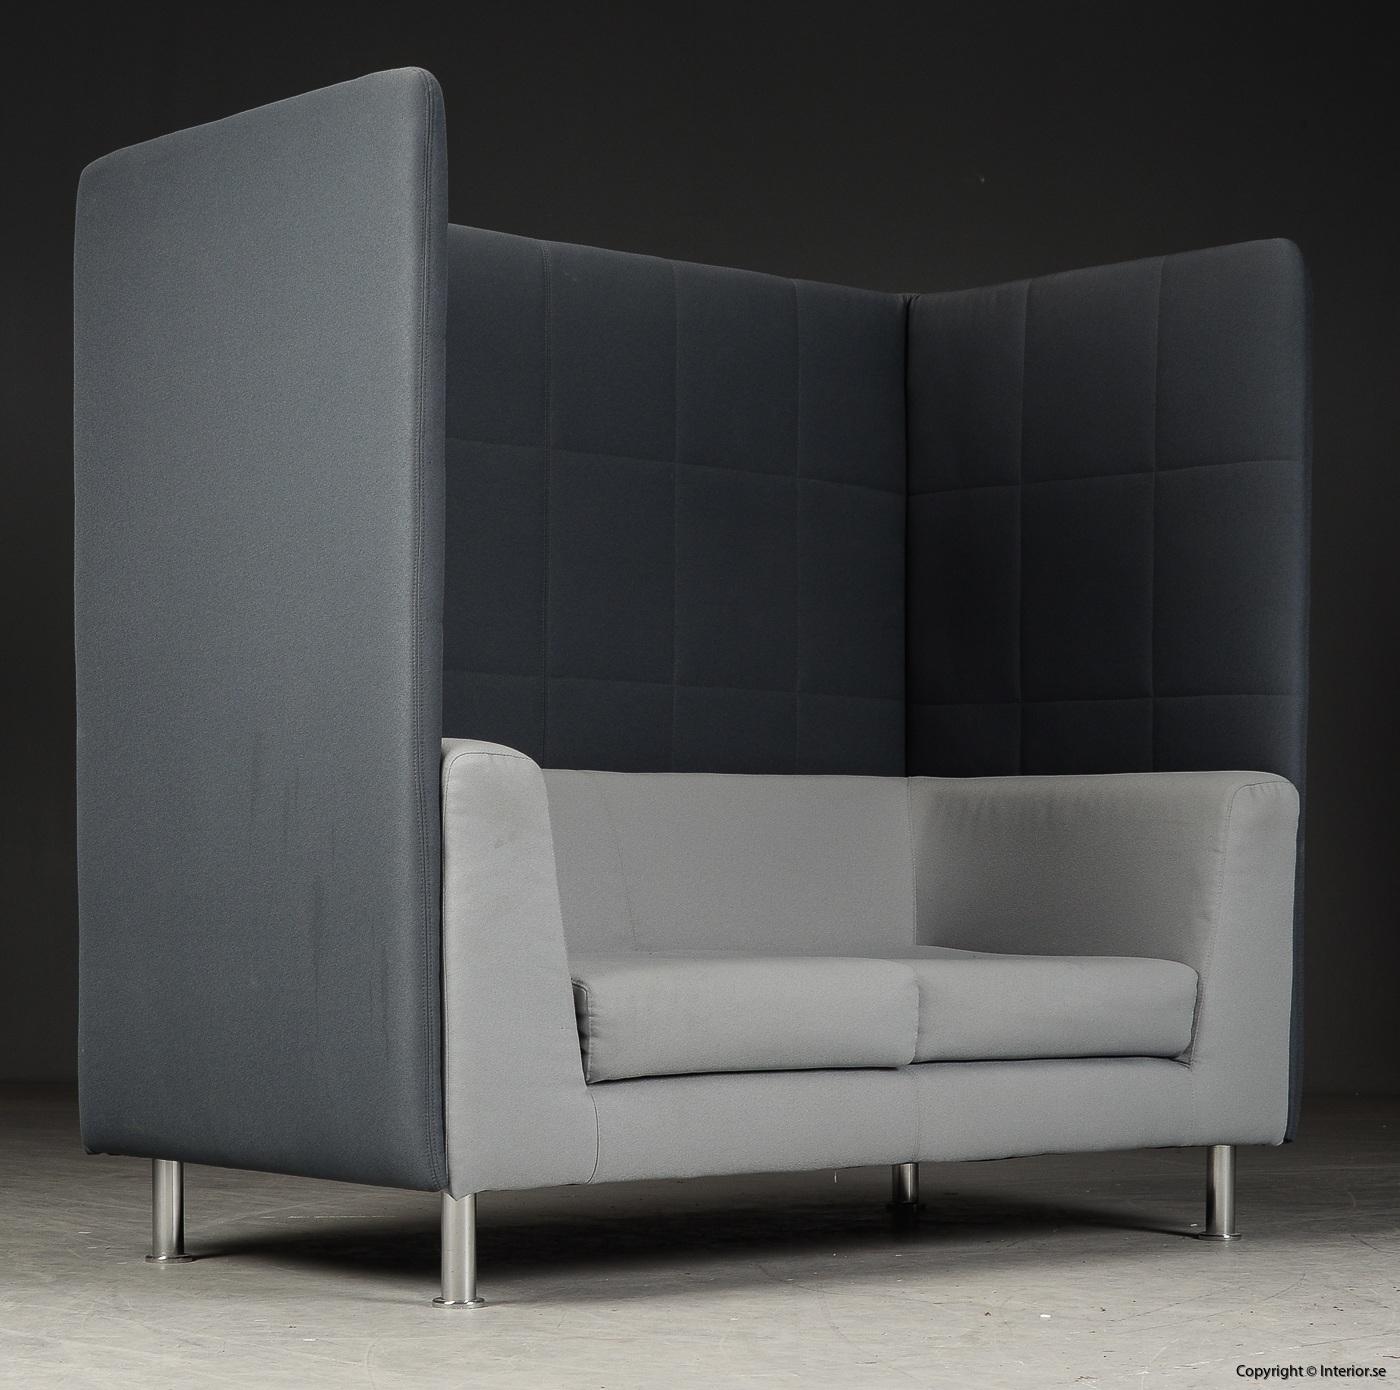 Soffa med högt ryggstöd, Holmris Free Air 2 High Straight modern design 7